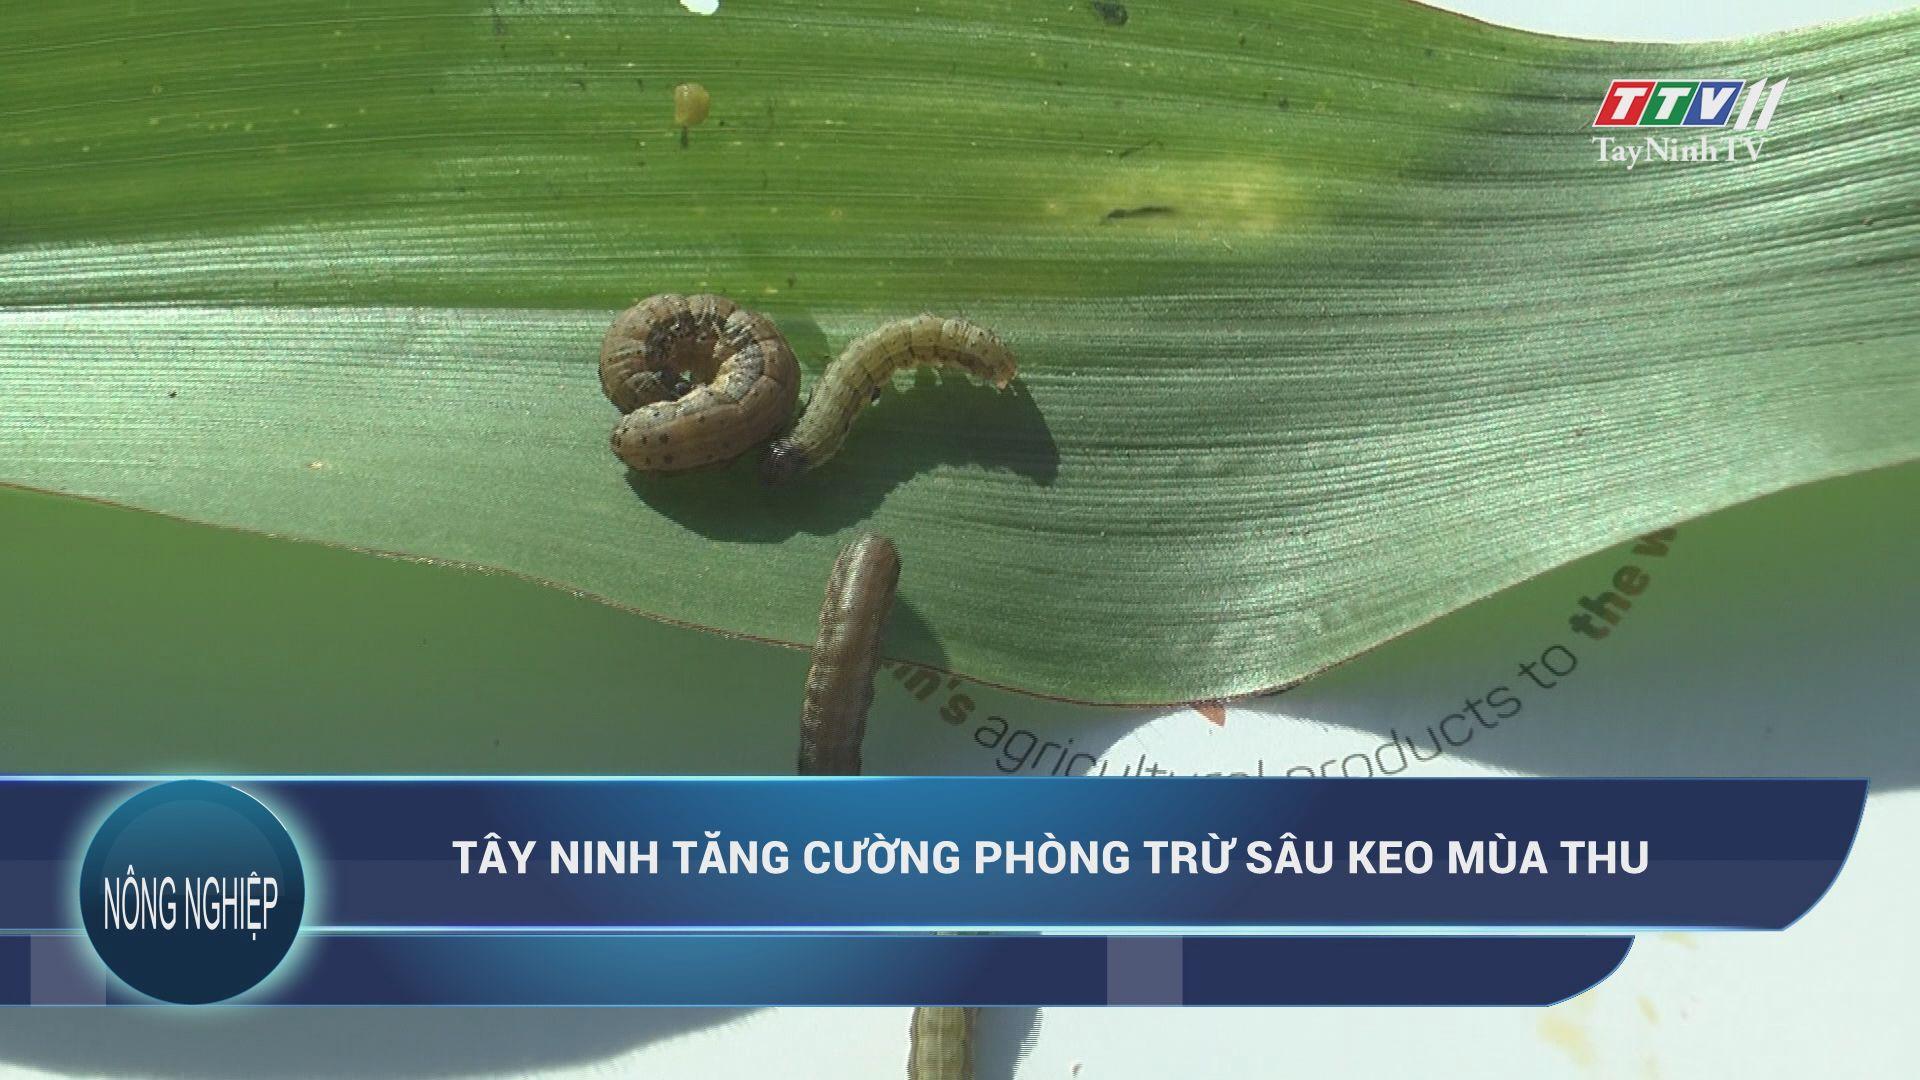 Tây Ninh tăng cường phòng trừ sâu keo mùa thu | NÔNG NGHIỆP TÂY NINH | TayNinhTV